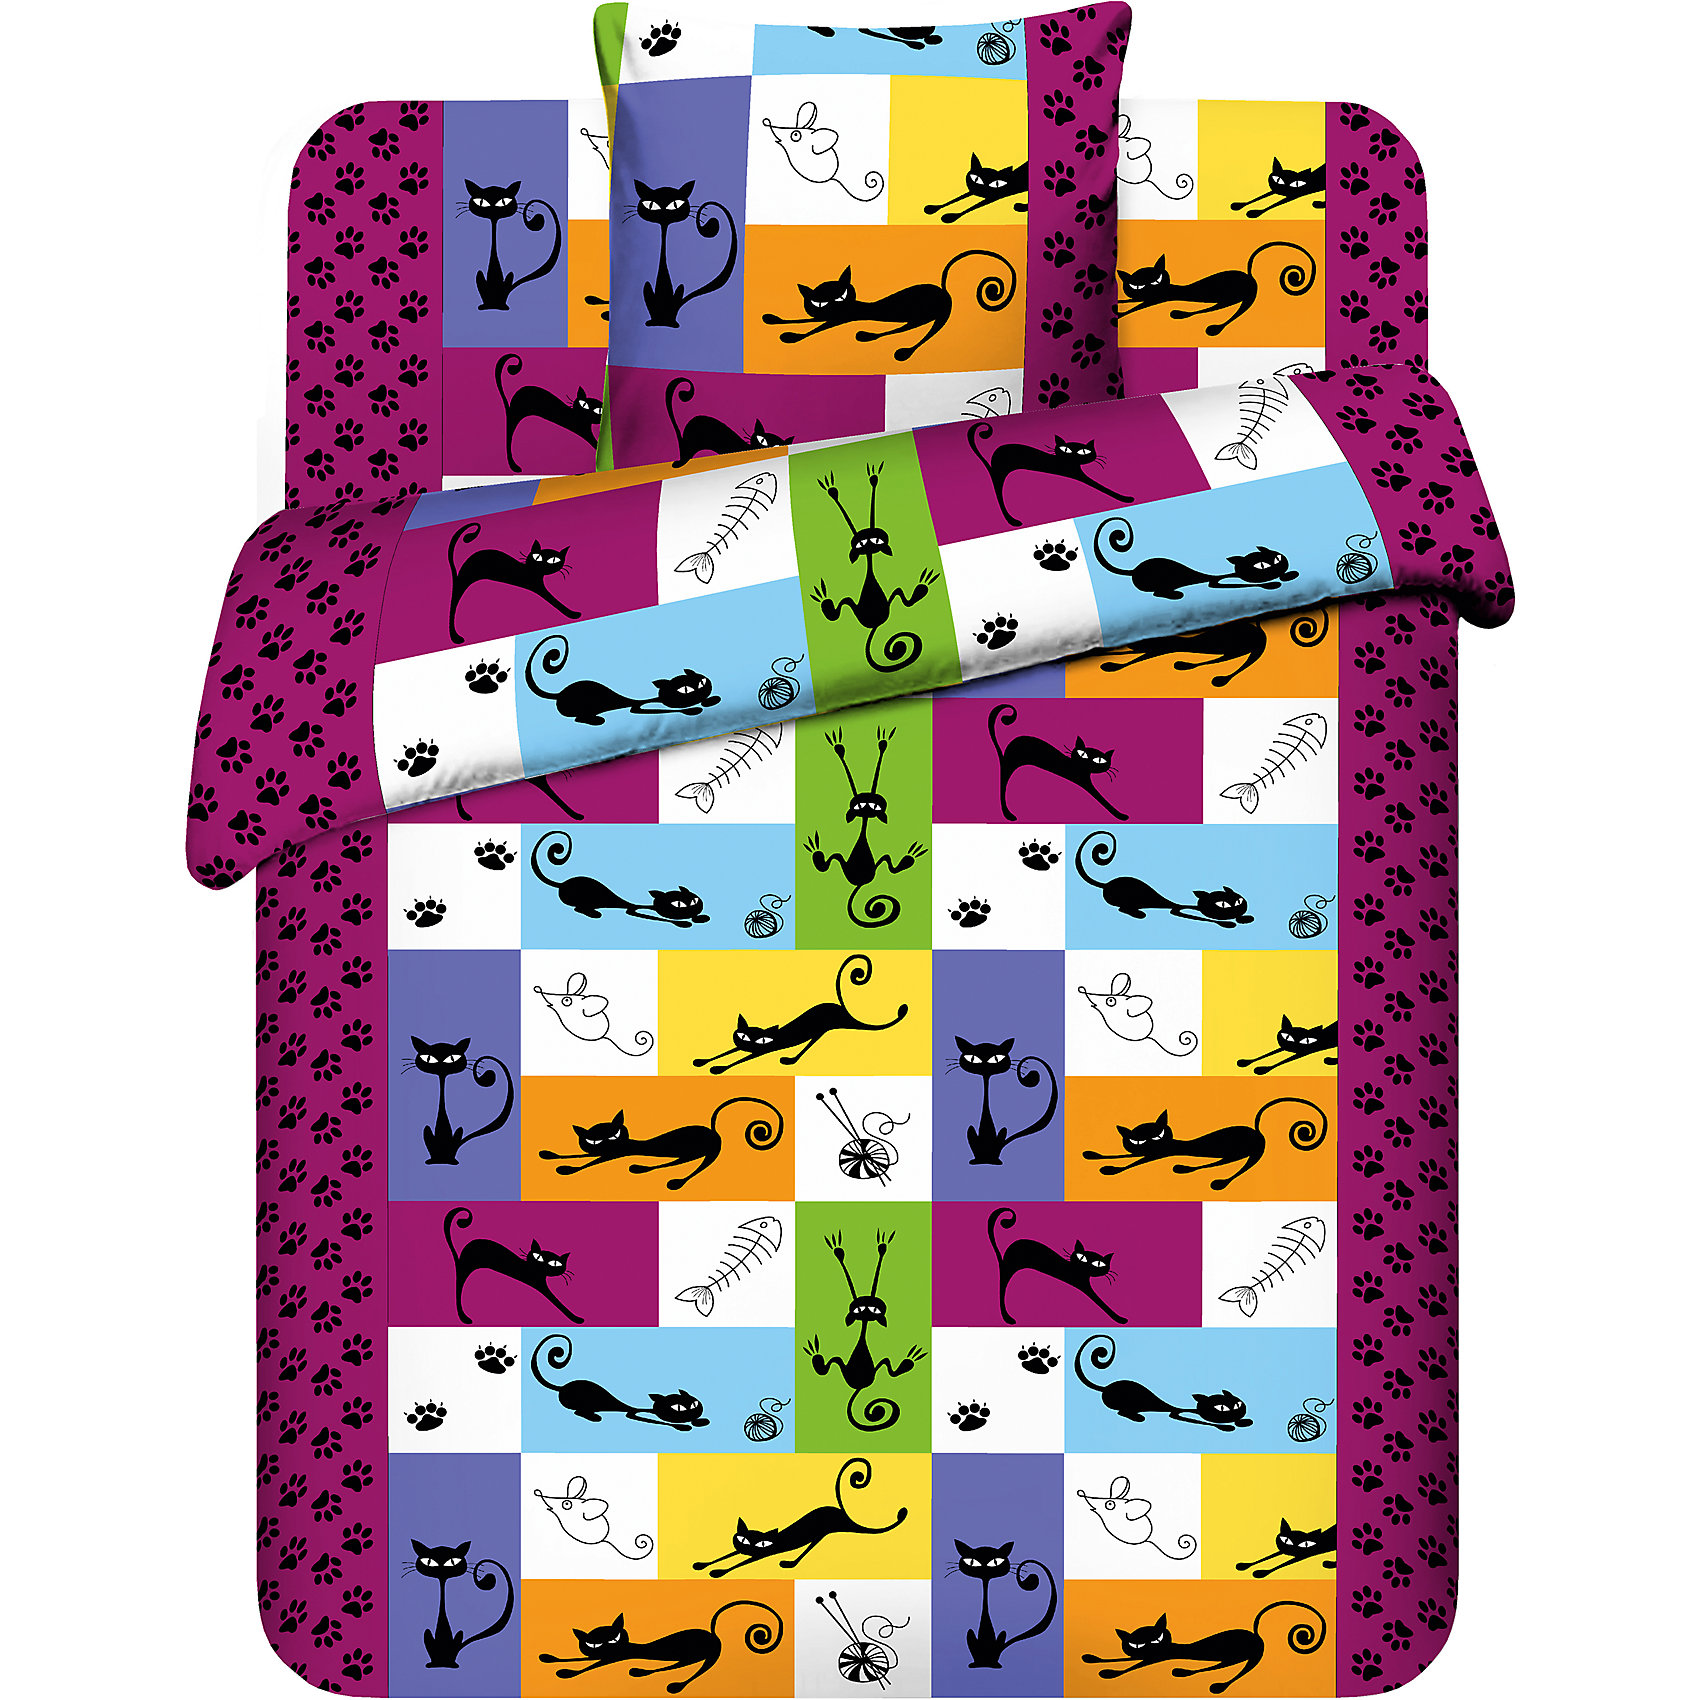 Василёк Постельное белье 1,5сп Котомания бязь (70х70), Василек купить бязь интернет магазин екатеринбург